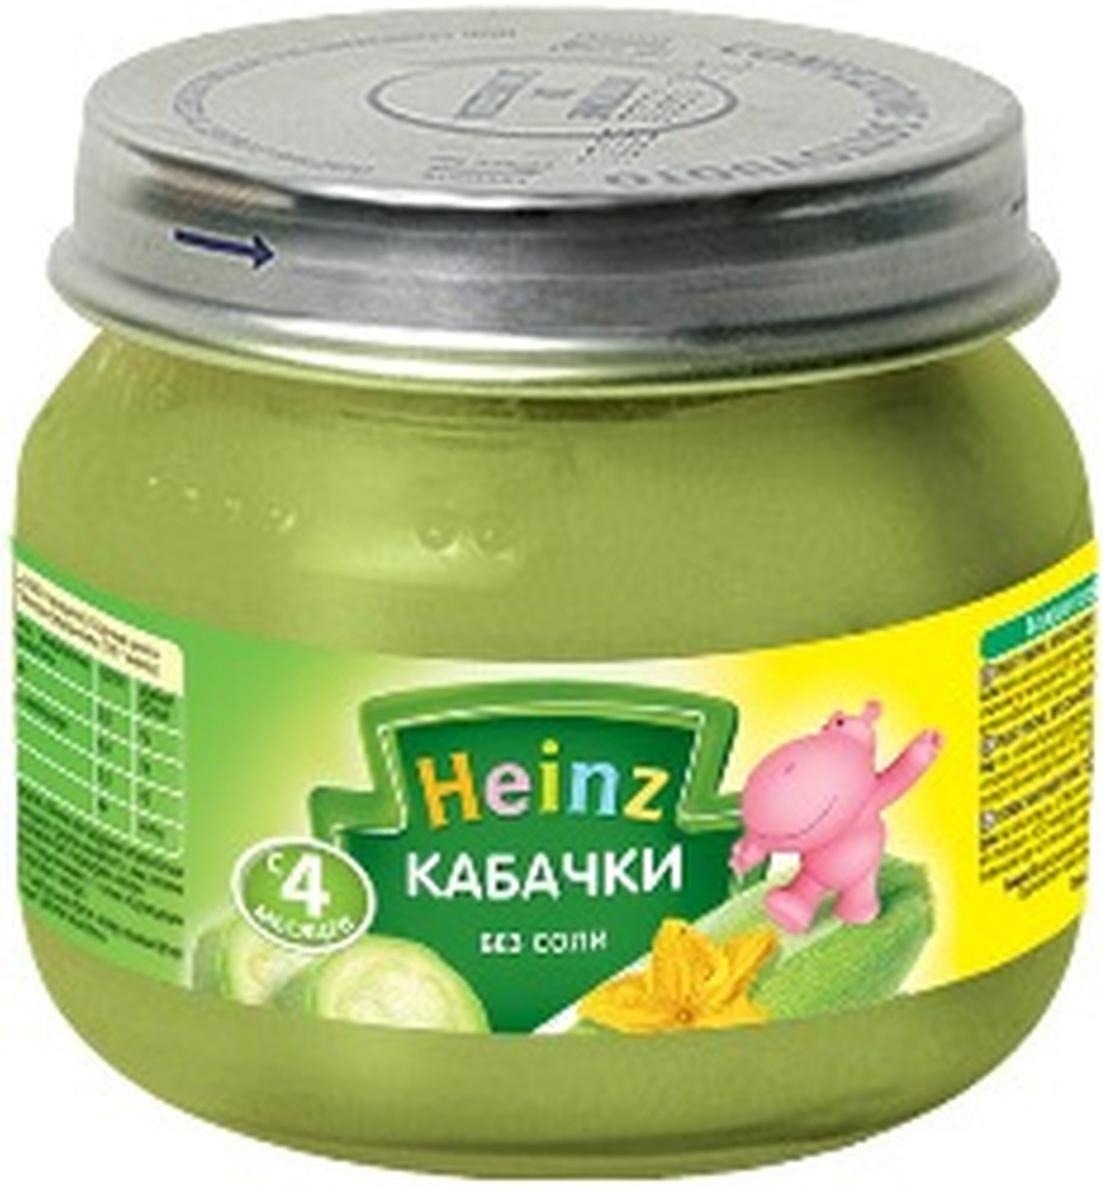 Heinz пюре кабачки, с 4 месяцев, 80 г70048901Продукт готов к употреблению. Переду употреблением перемешать. Нужное количество подогреть, не добавляя соли. Не разогревать повторно.